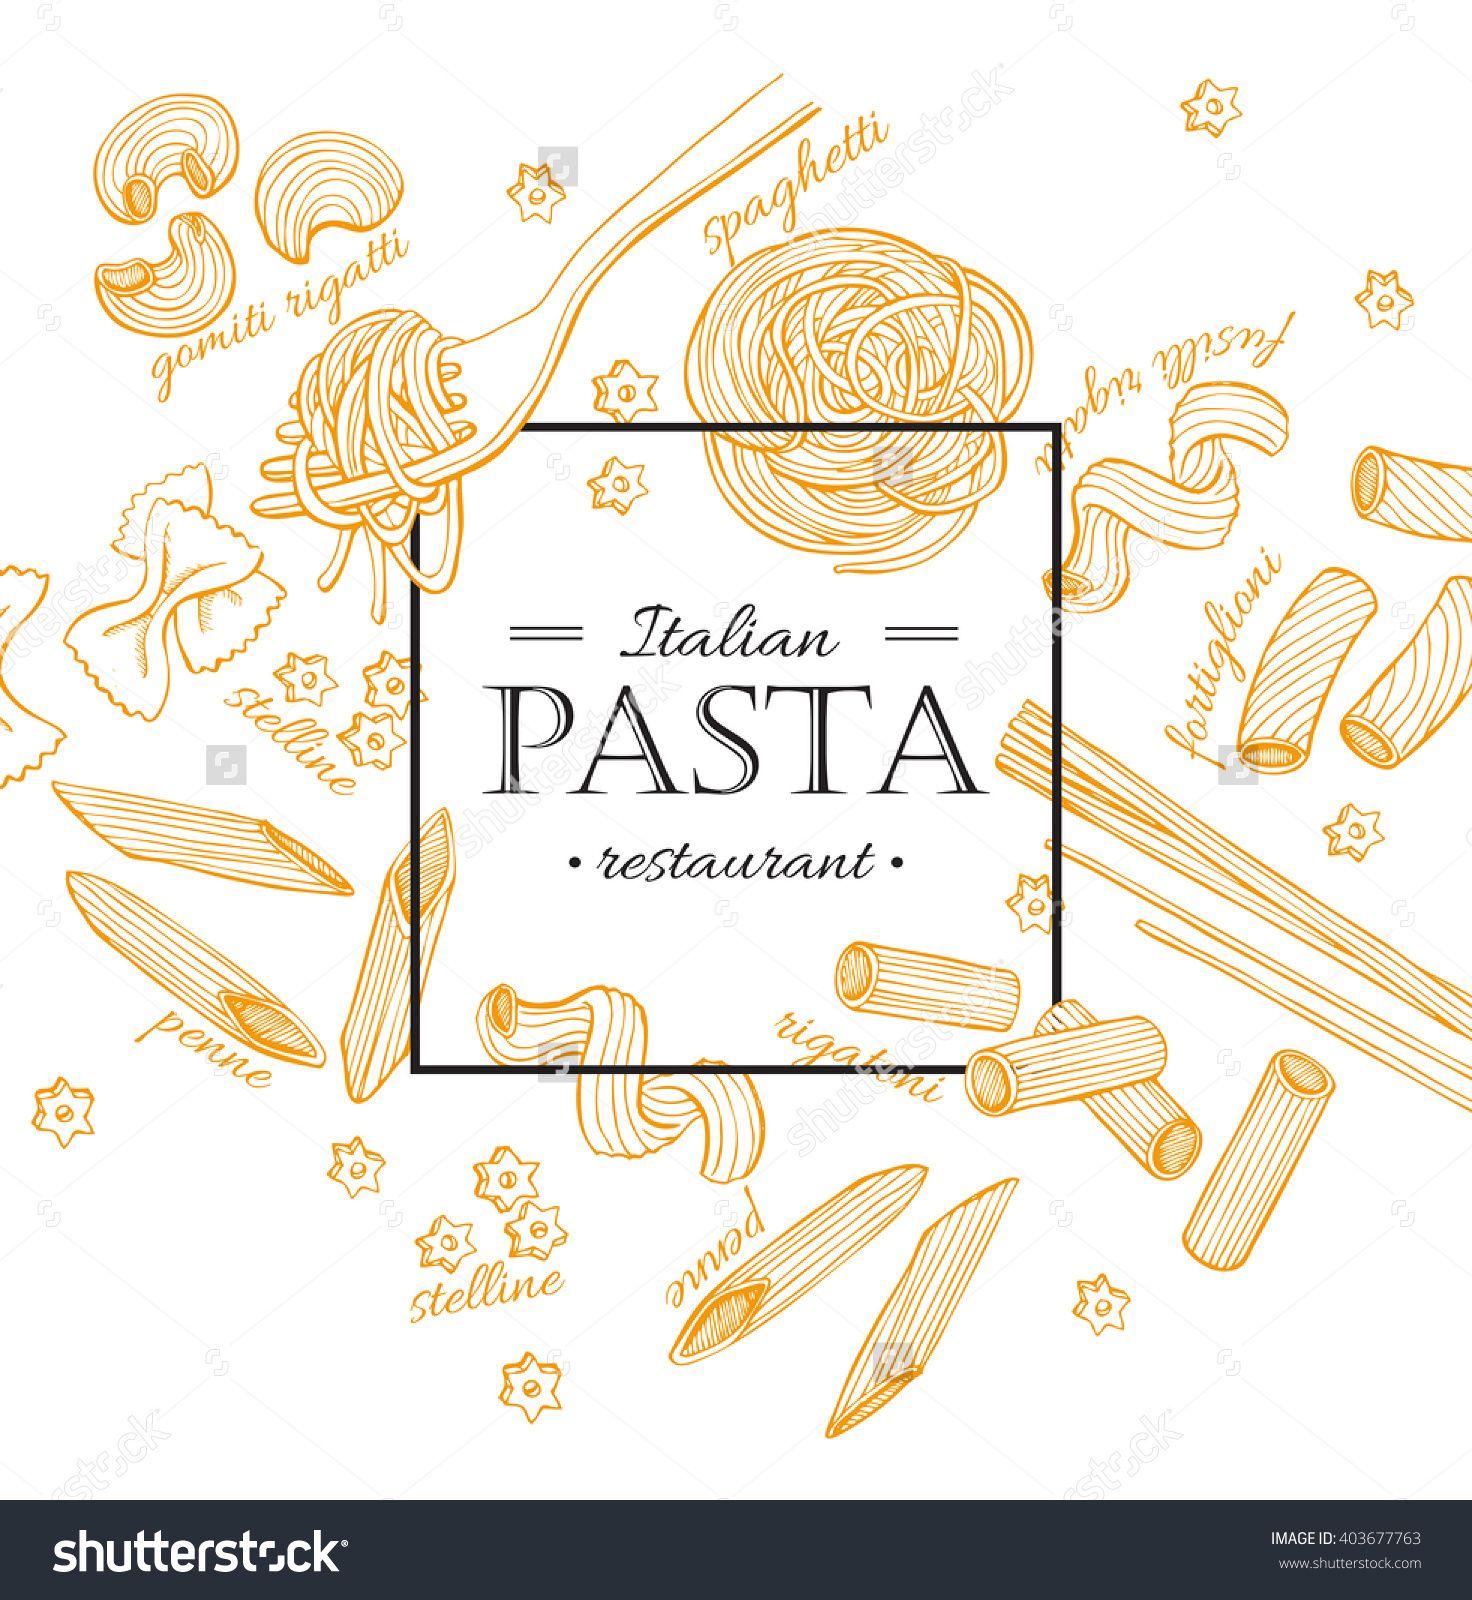 Vector Vintage Italian Pasta Restaurant Illustration Hand Drawn